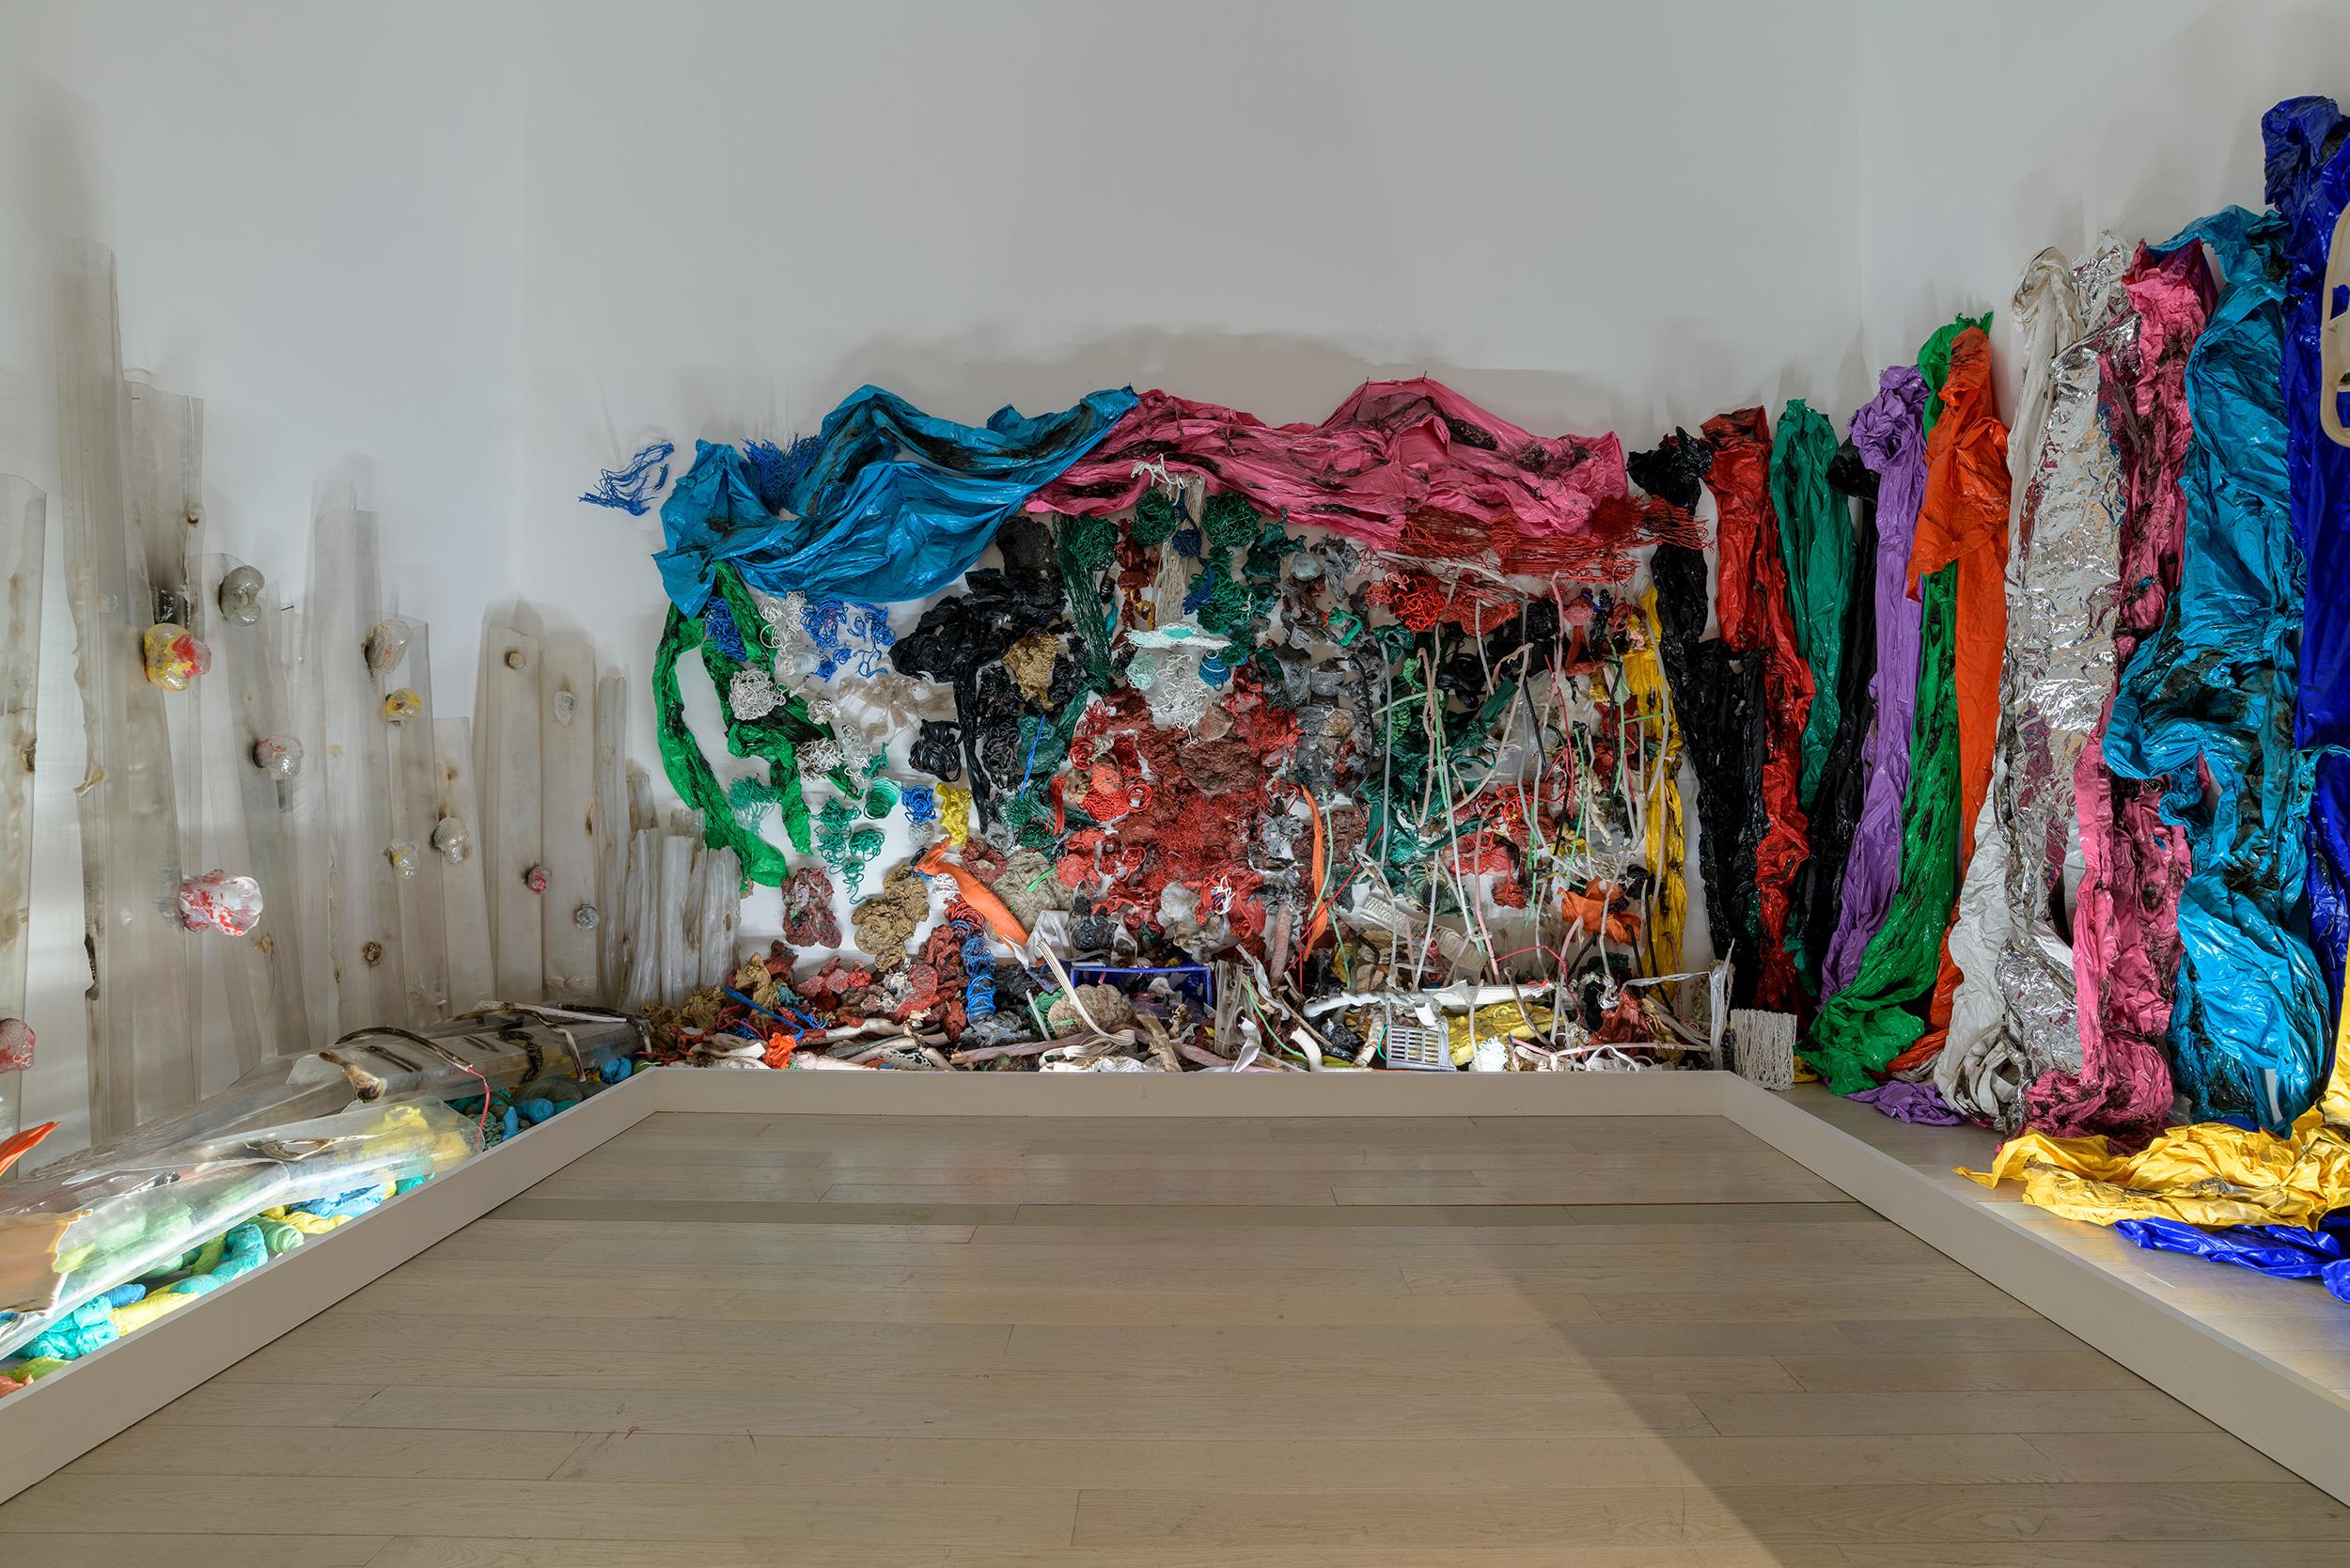 Gu Dexin, Untitled, 1989